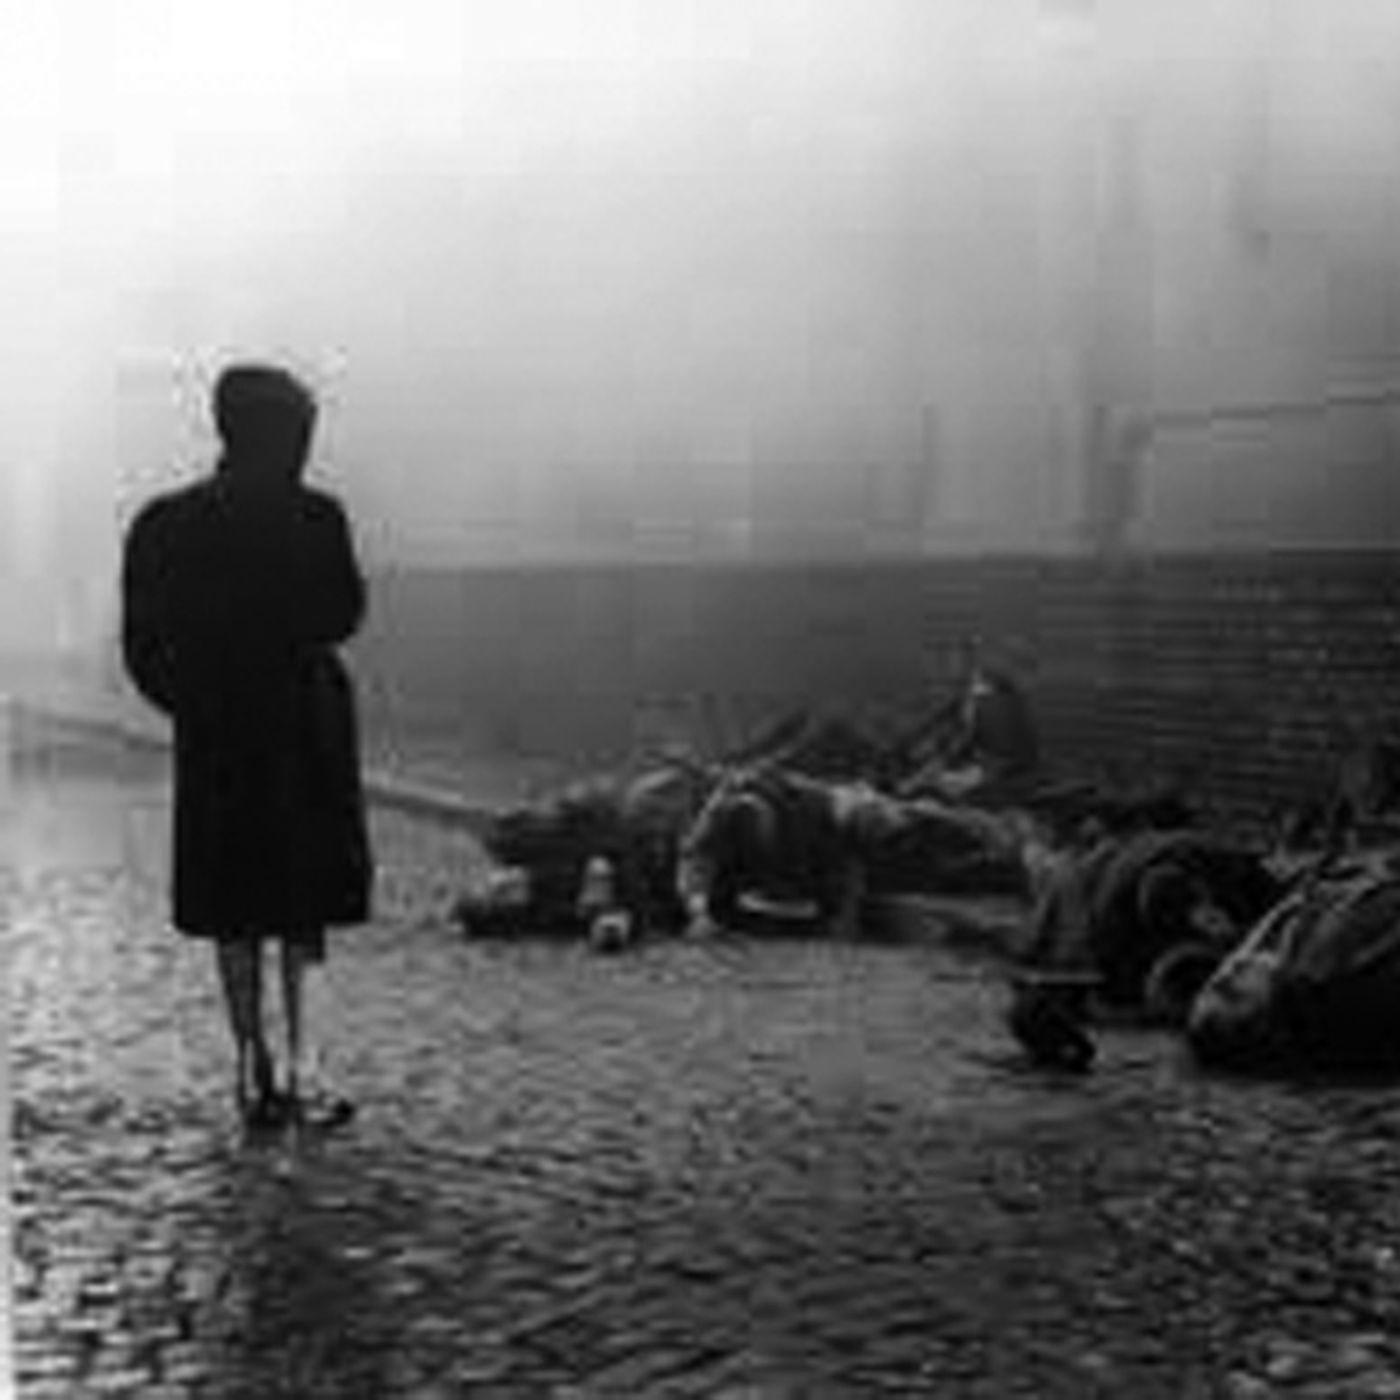 15 novembre 1943, Eccidio del Castello Estense - #AccadeOggi - s01e08